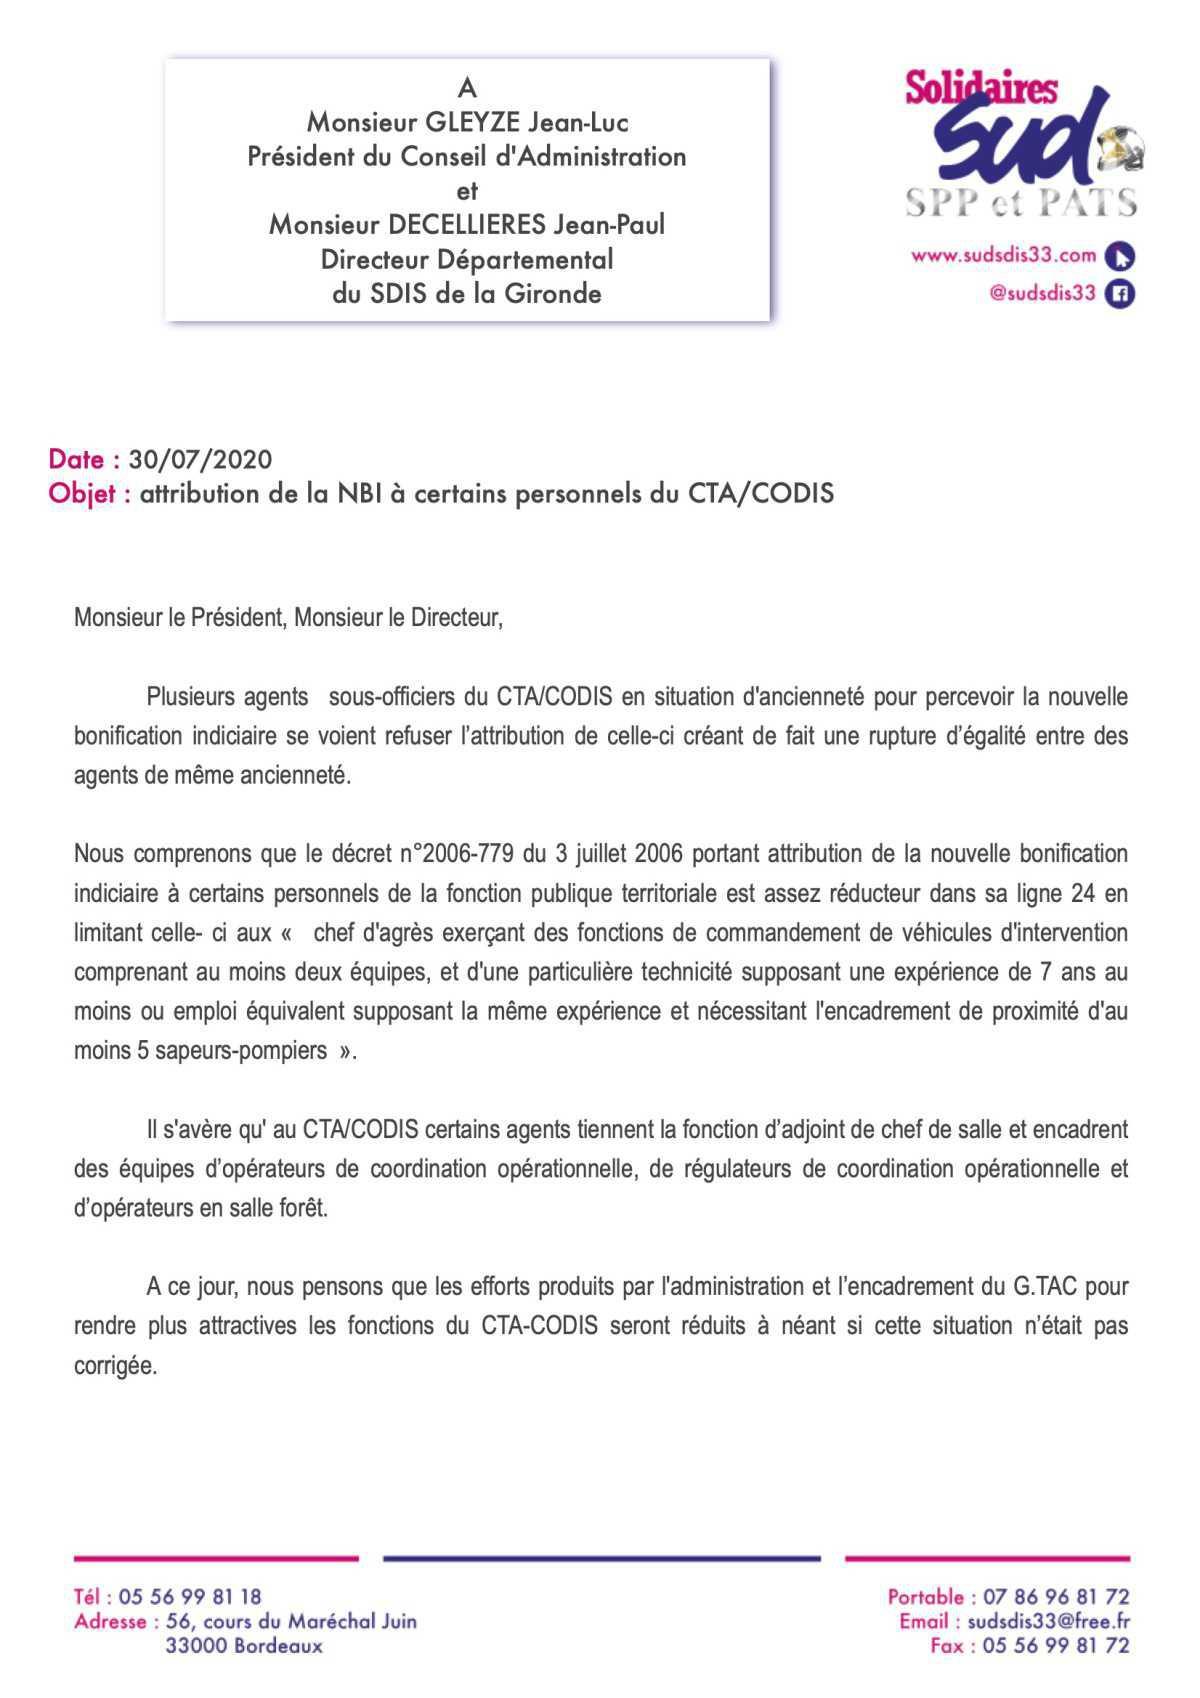 Attribution de la NBI au CTA / CODIS